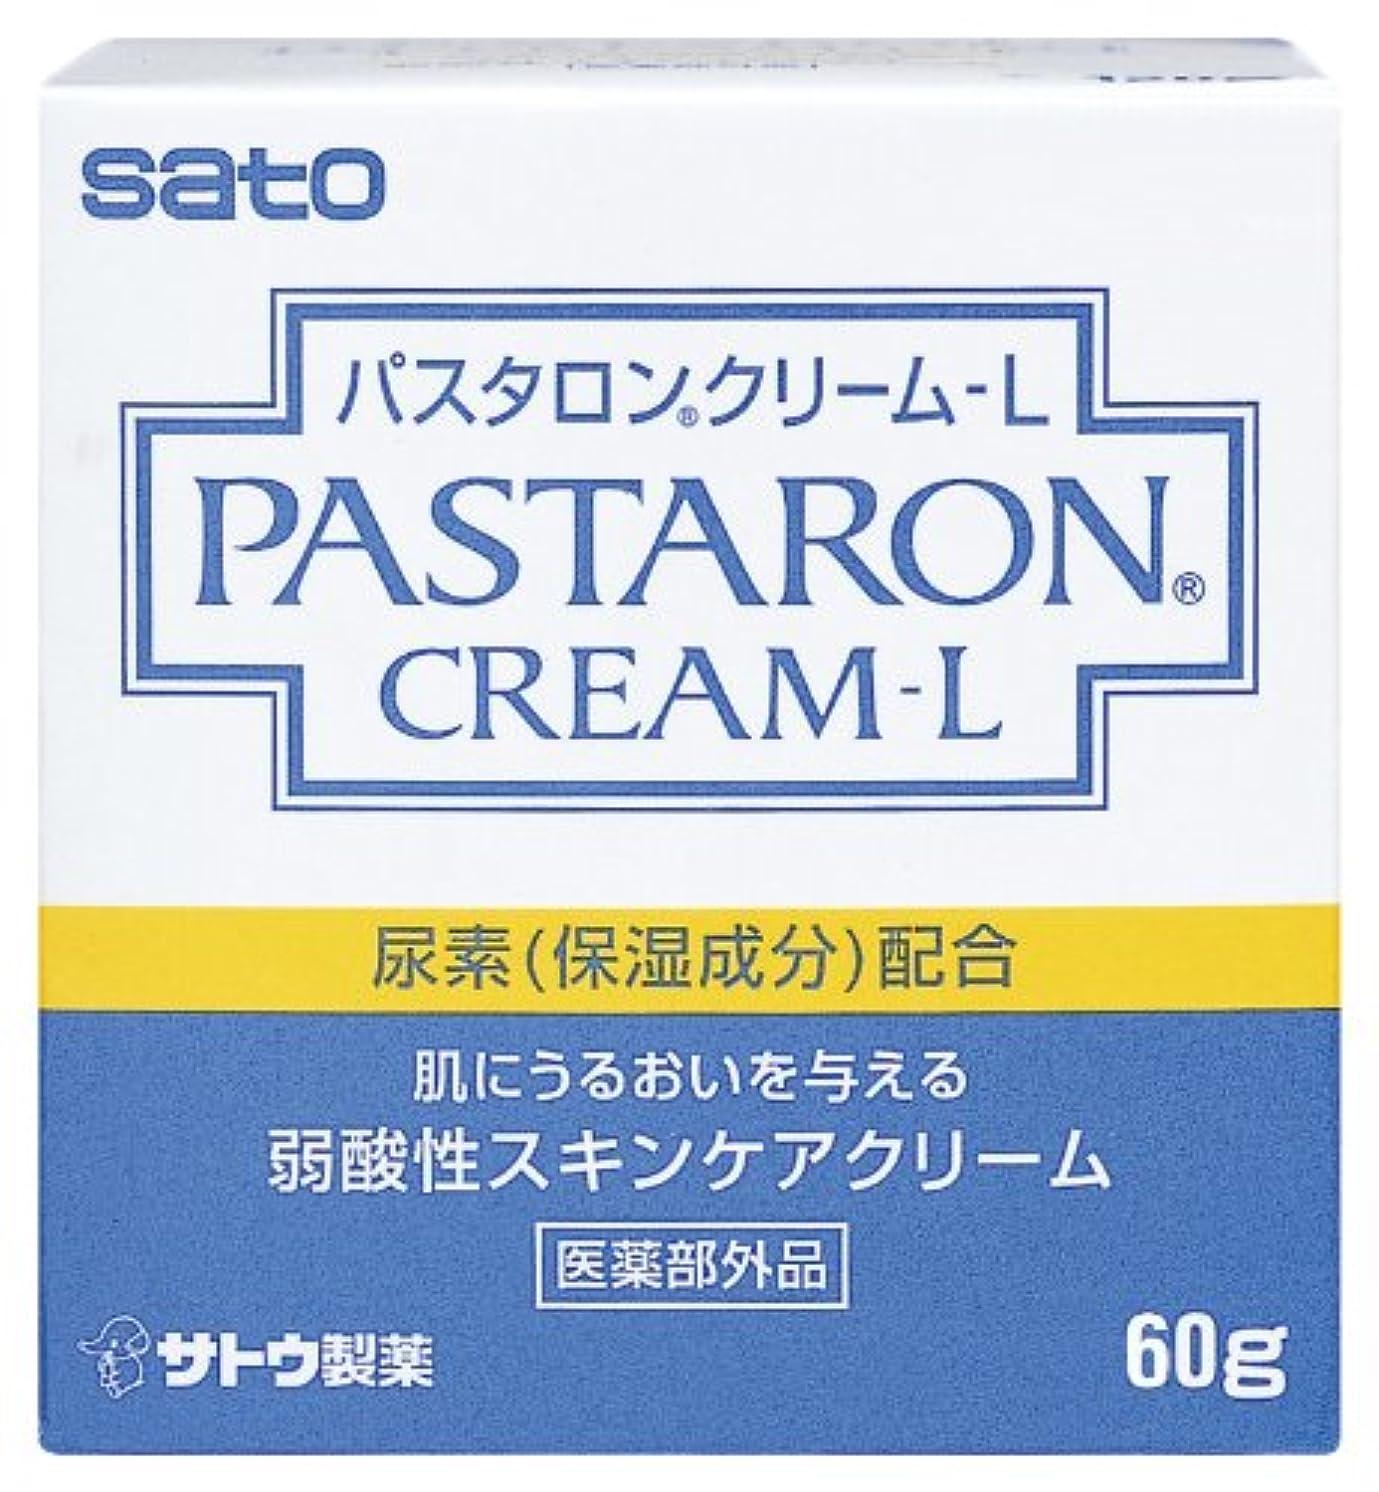 カロリー精算残り物パスタロンクリーム-L 60g